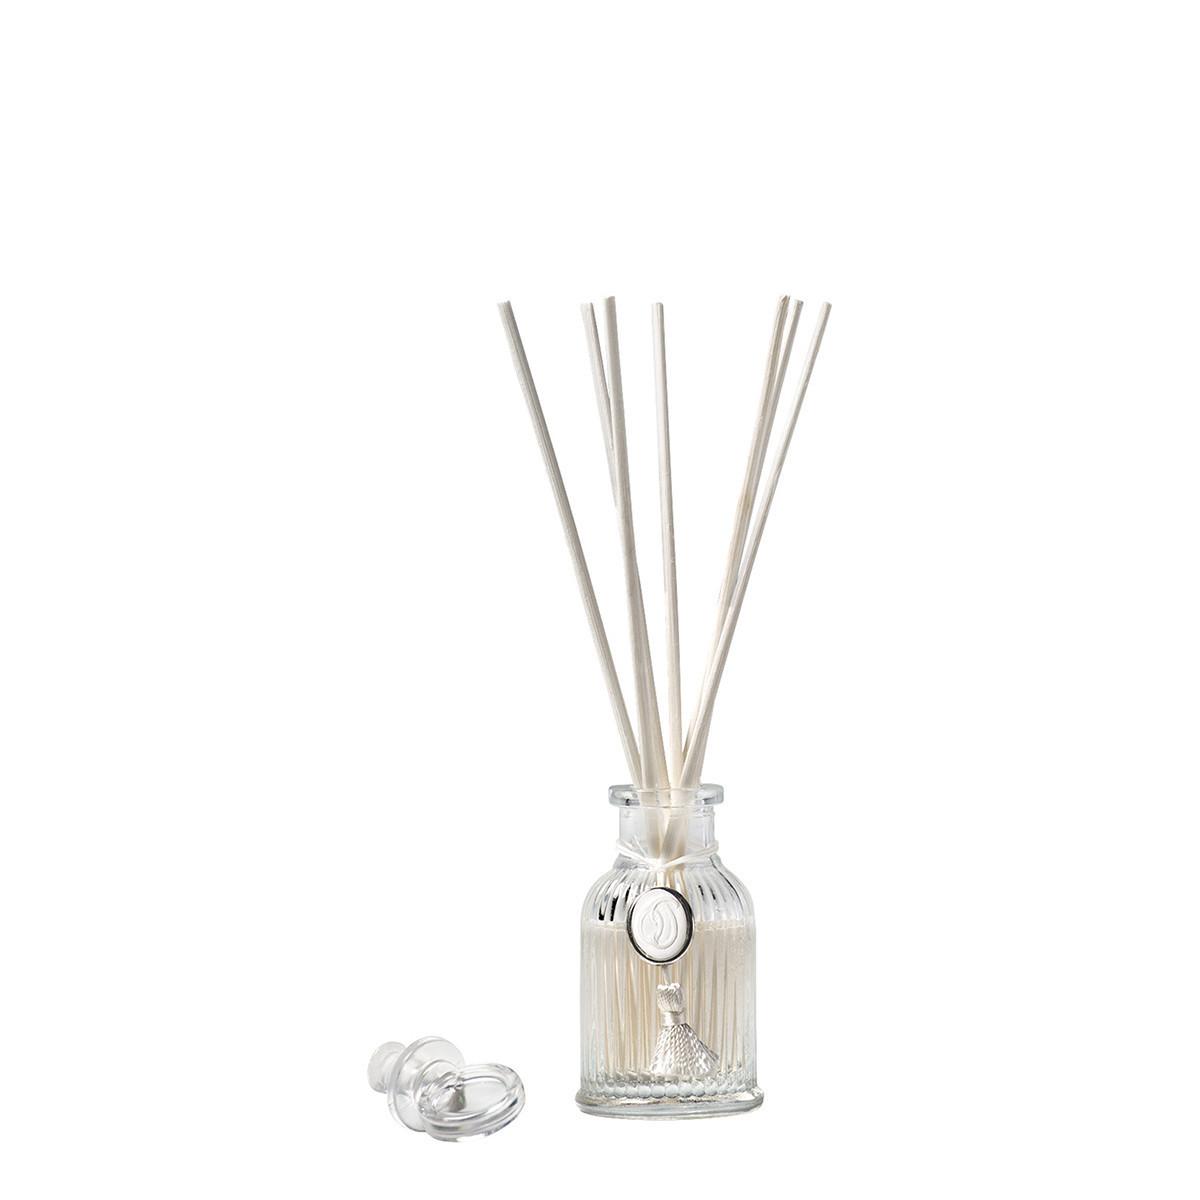 Аромадиффузор аромат для дома Опаловая пудра 30мл DIIPOP